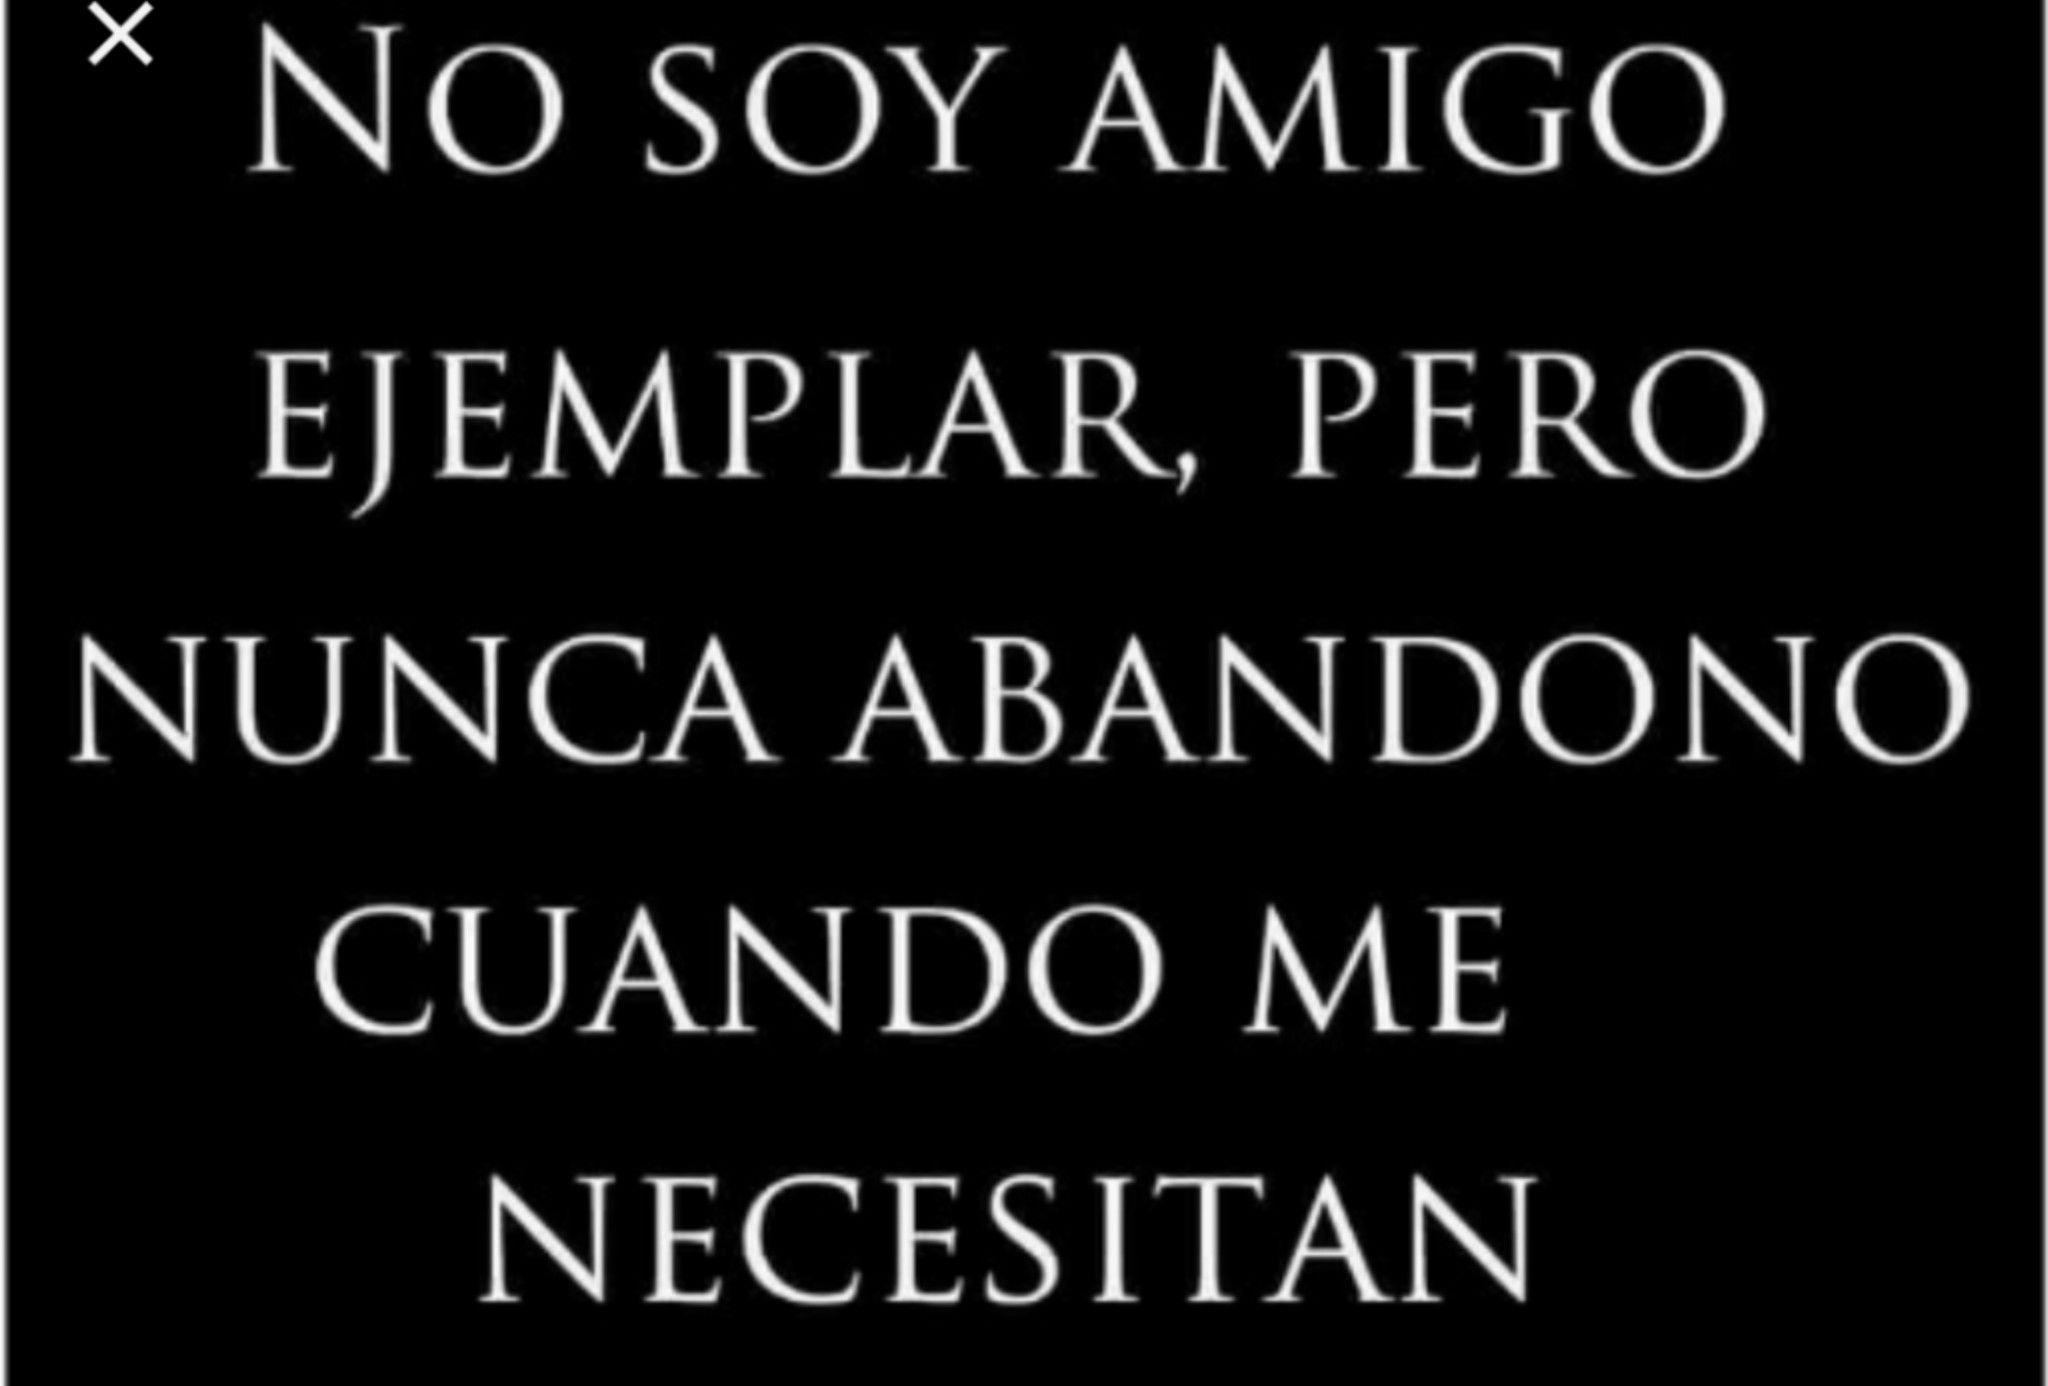 Amigo Traicion Porn 63 best phrases images | phrase, amor quotes, spanish quotes